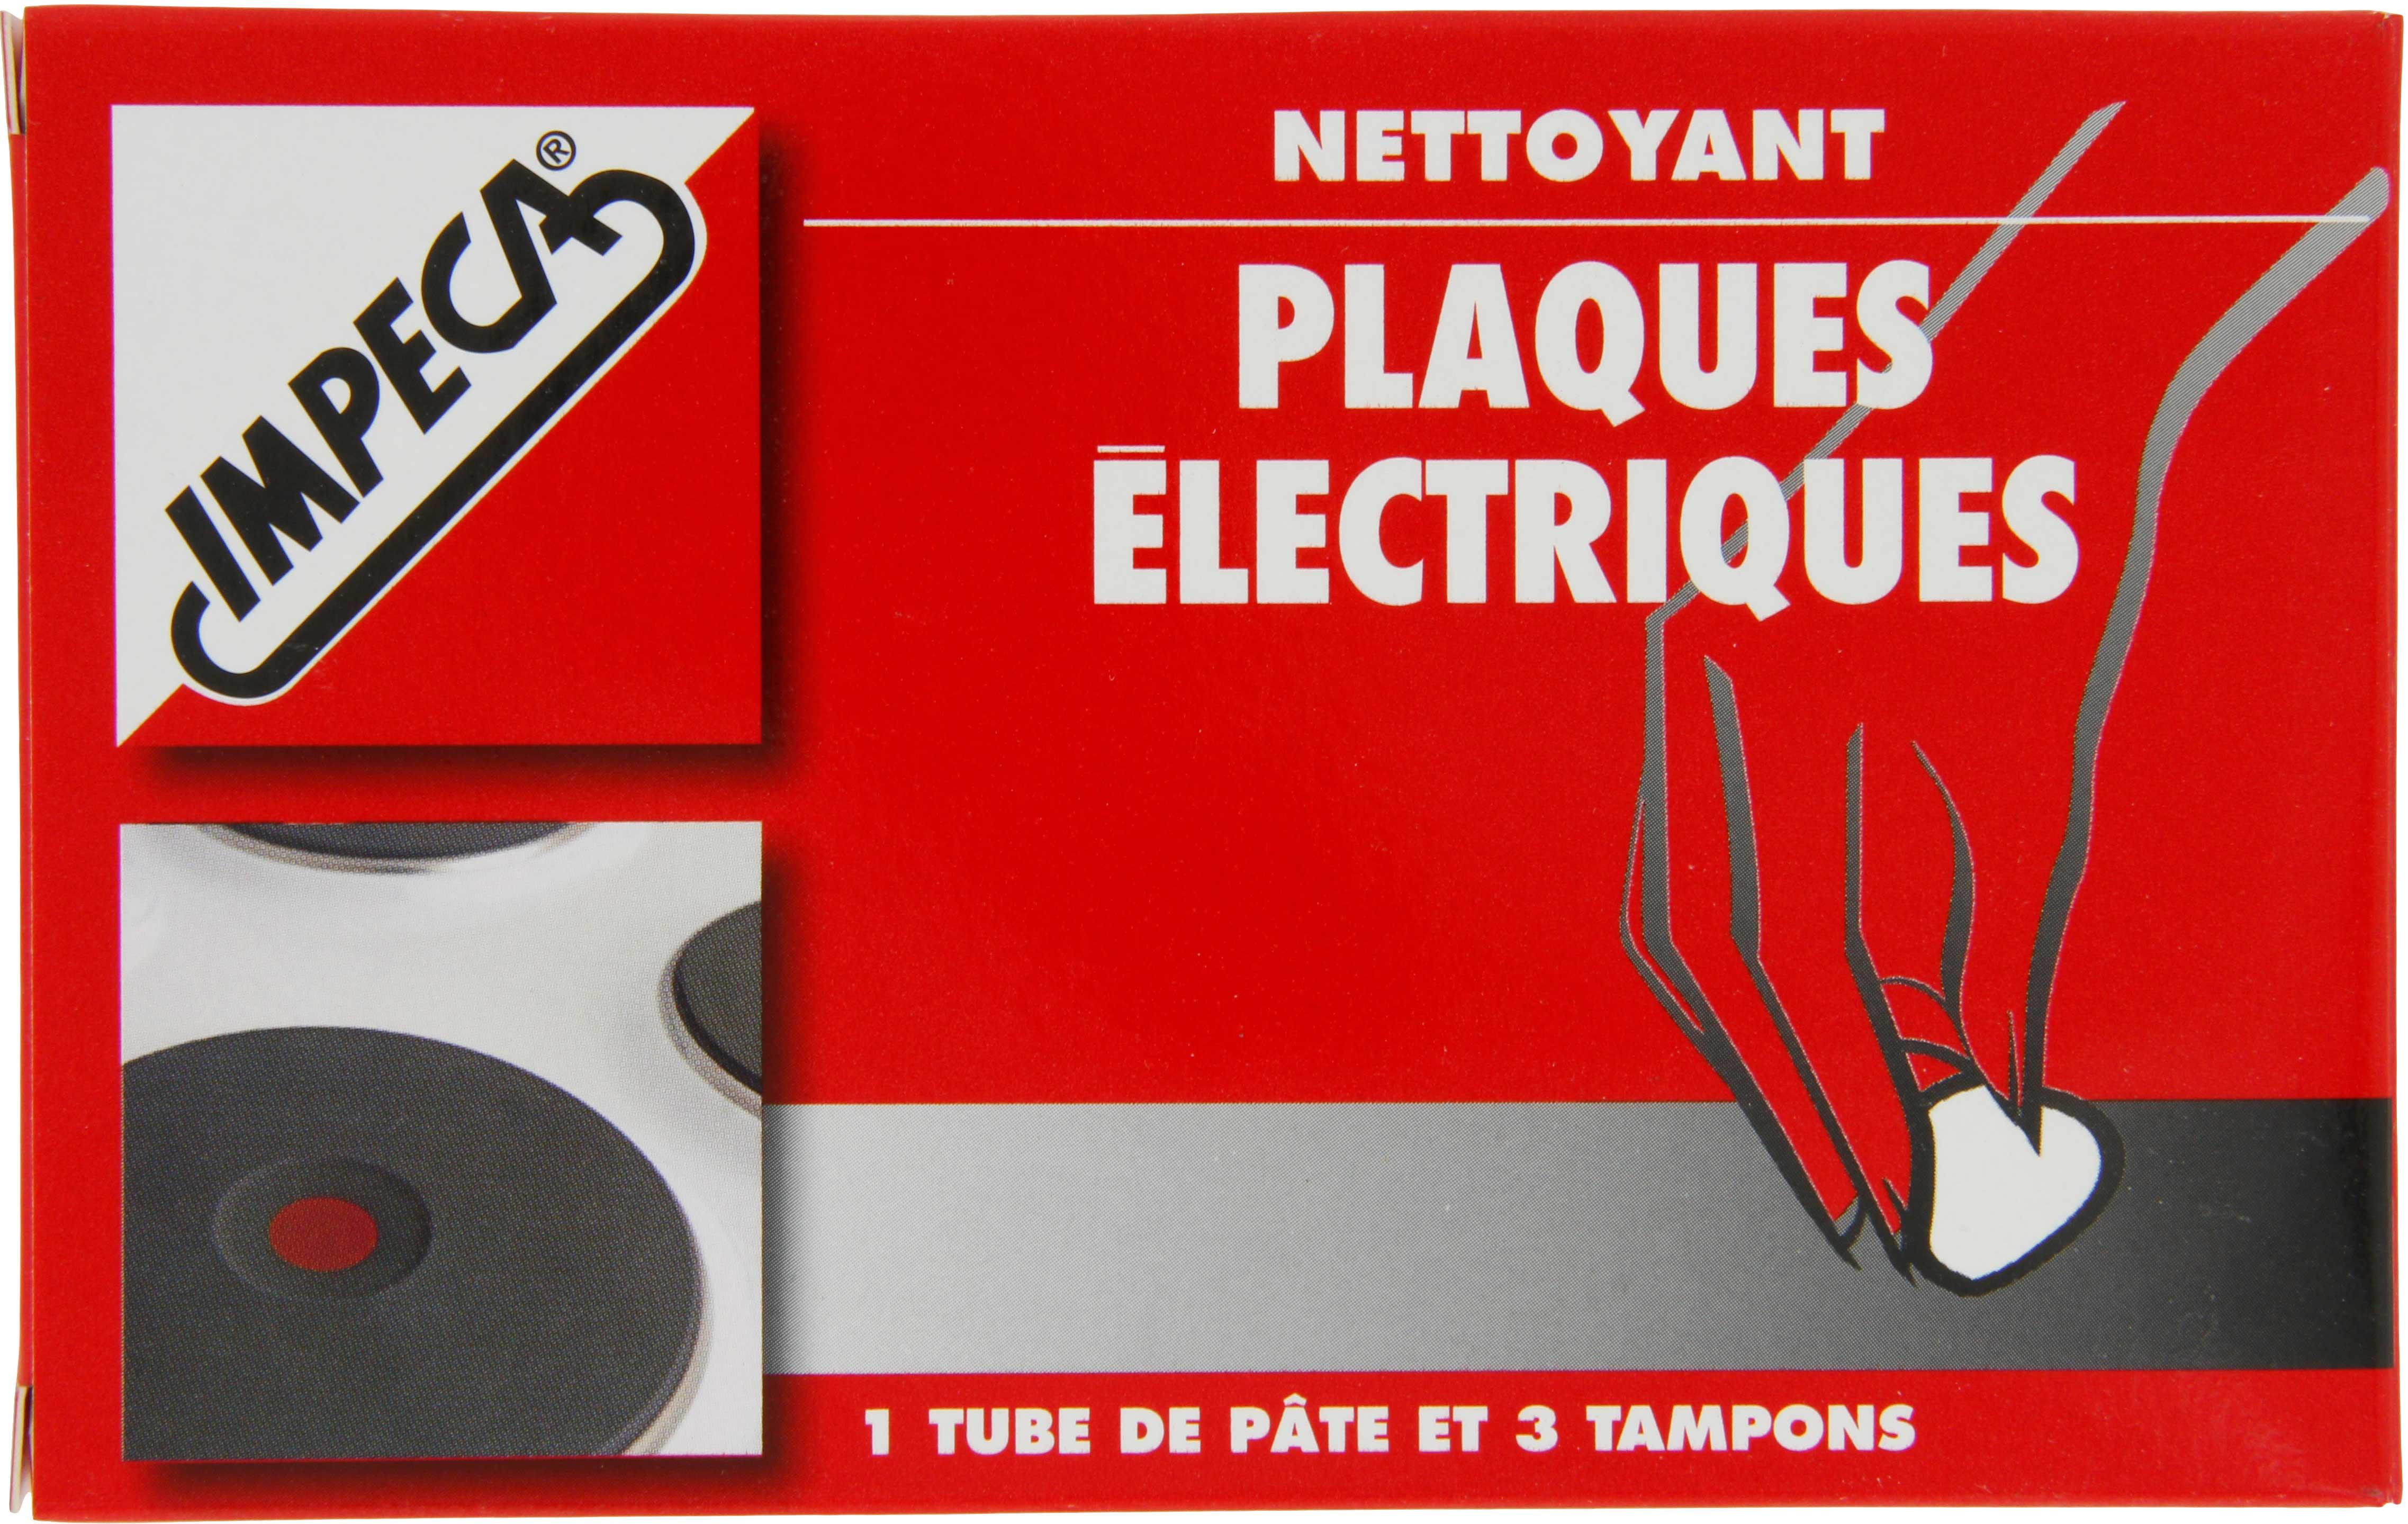 Nettoyant plaques lectriques impeca tube 50 ml de nettoyant plaque lectrique - Nettoyant contact electrique ...